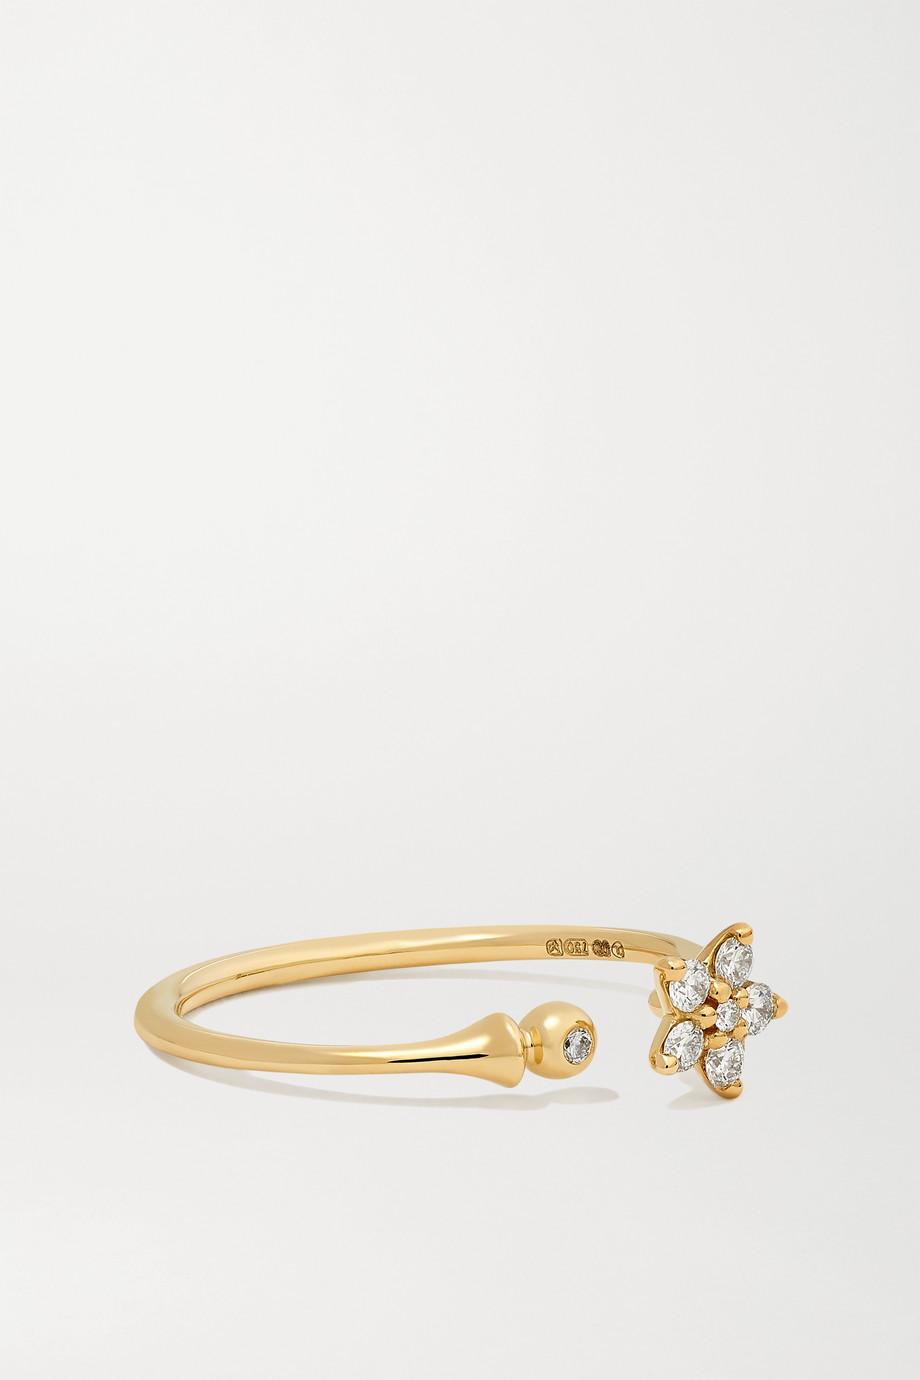 OLE LYNGGAARD COPENHAGEN Shooting Stars 18K 黄金钻石戒指